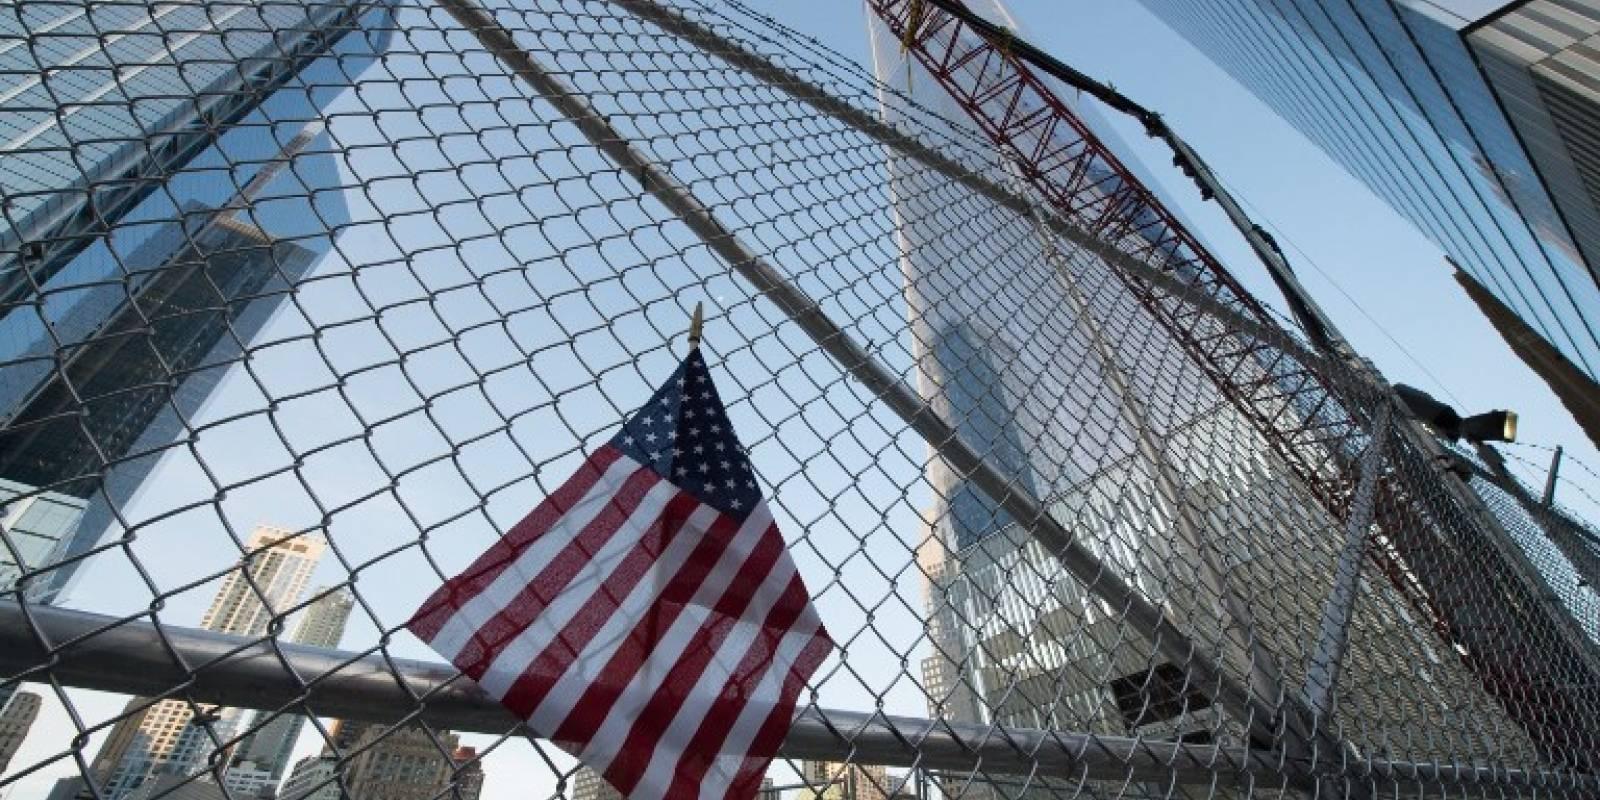 Recuerdan a las víctimas del 11 de septiembre de 2001